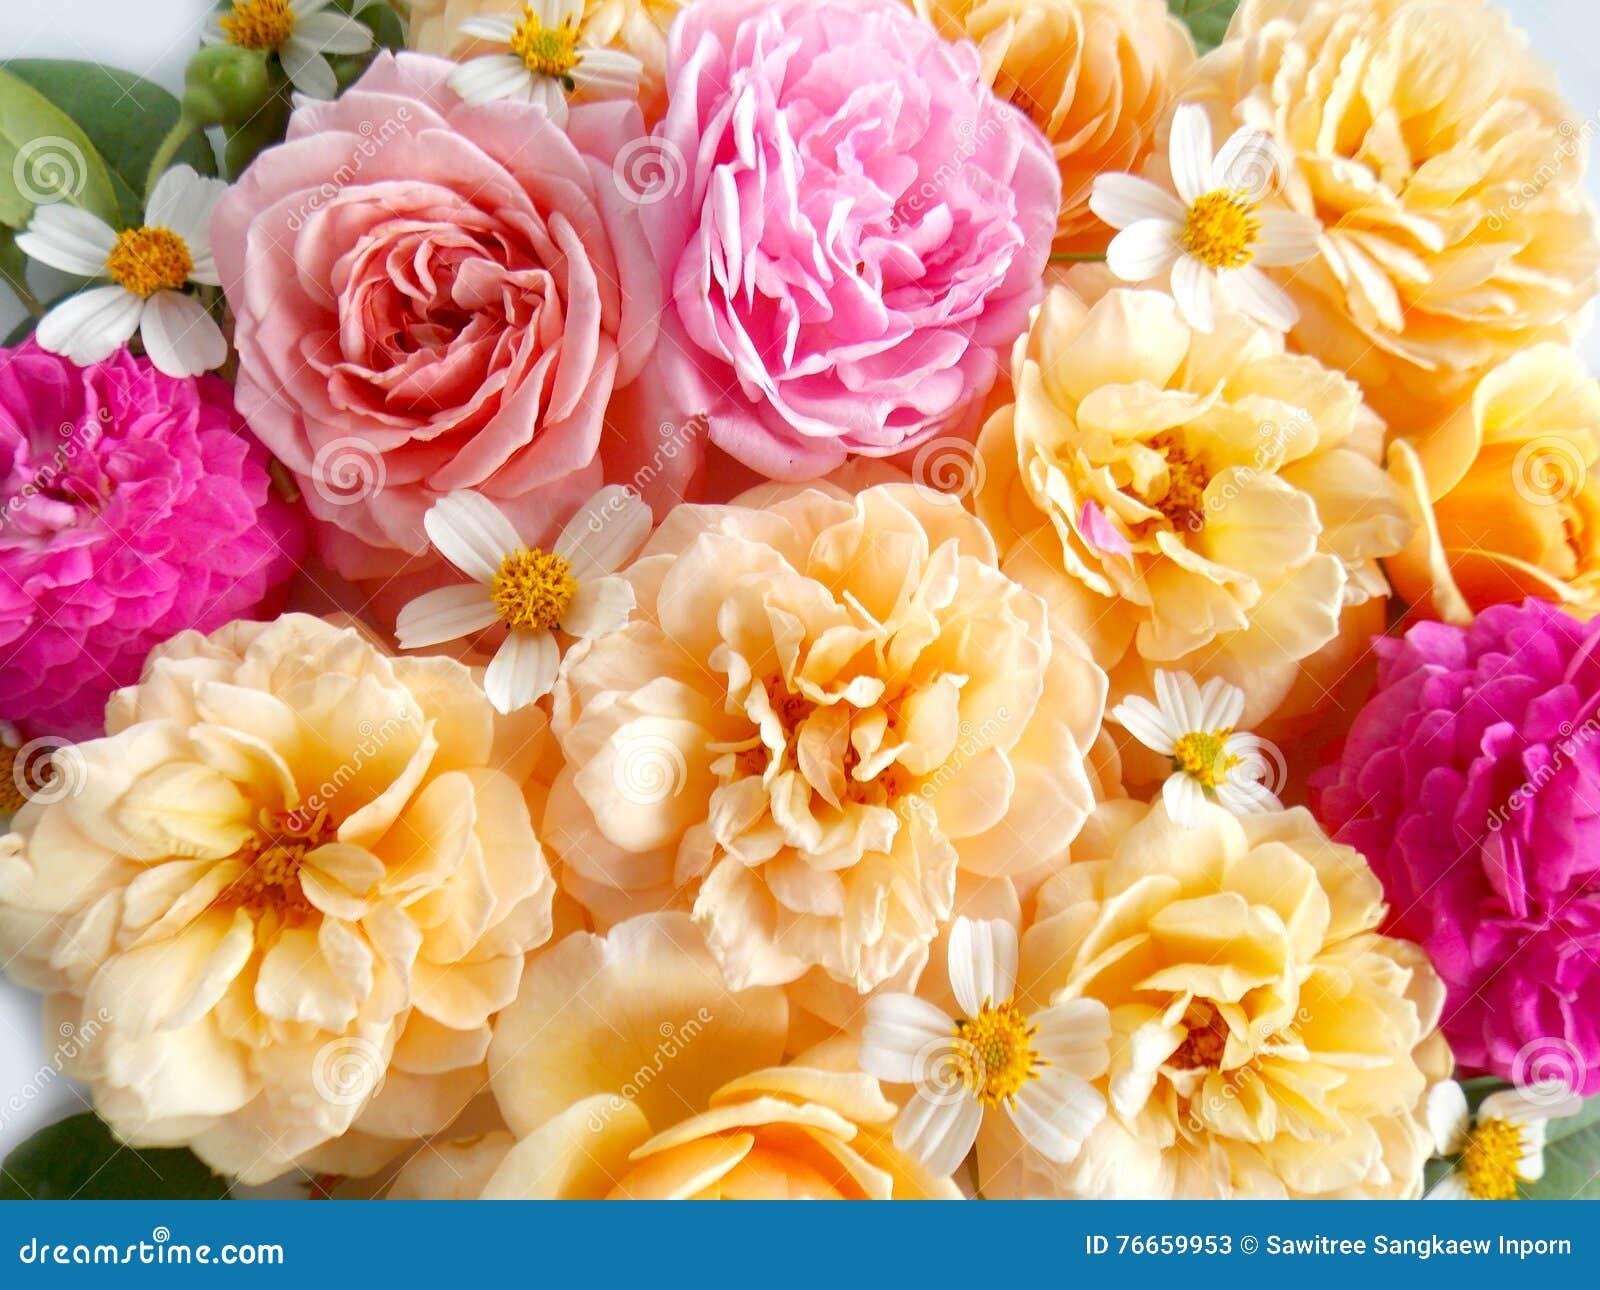 Mazzo Di Fiori Un Inglese.Mazzo Rosa Del Fiore Di Bello Inglese Immagine Stock Immagine Di